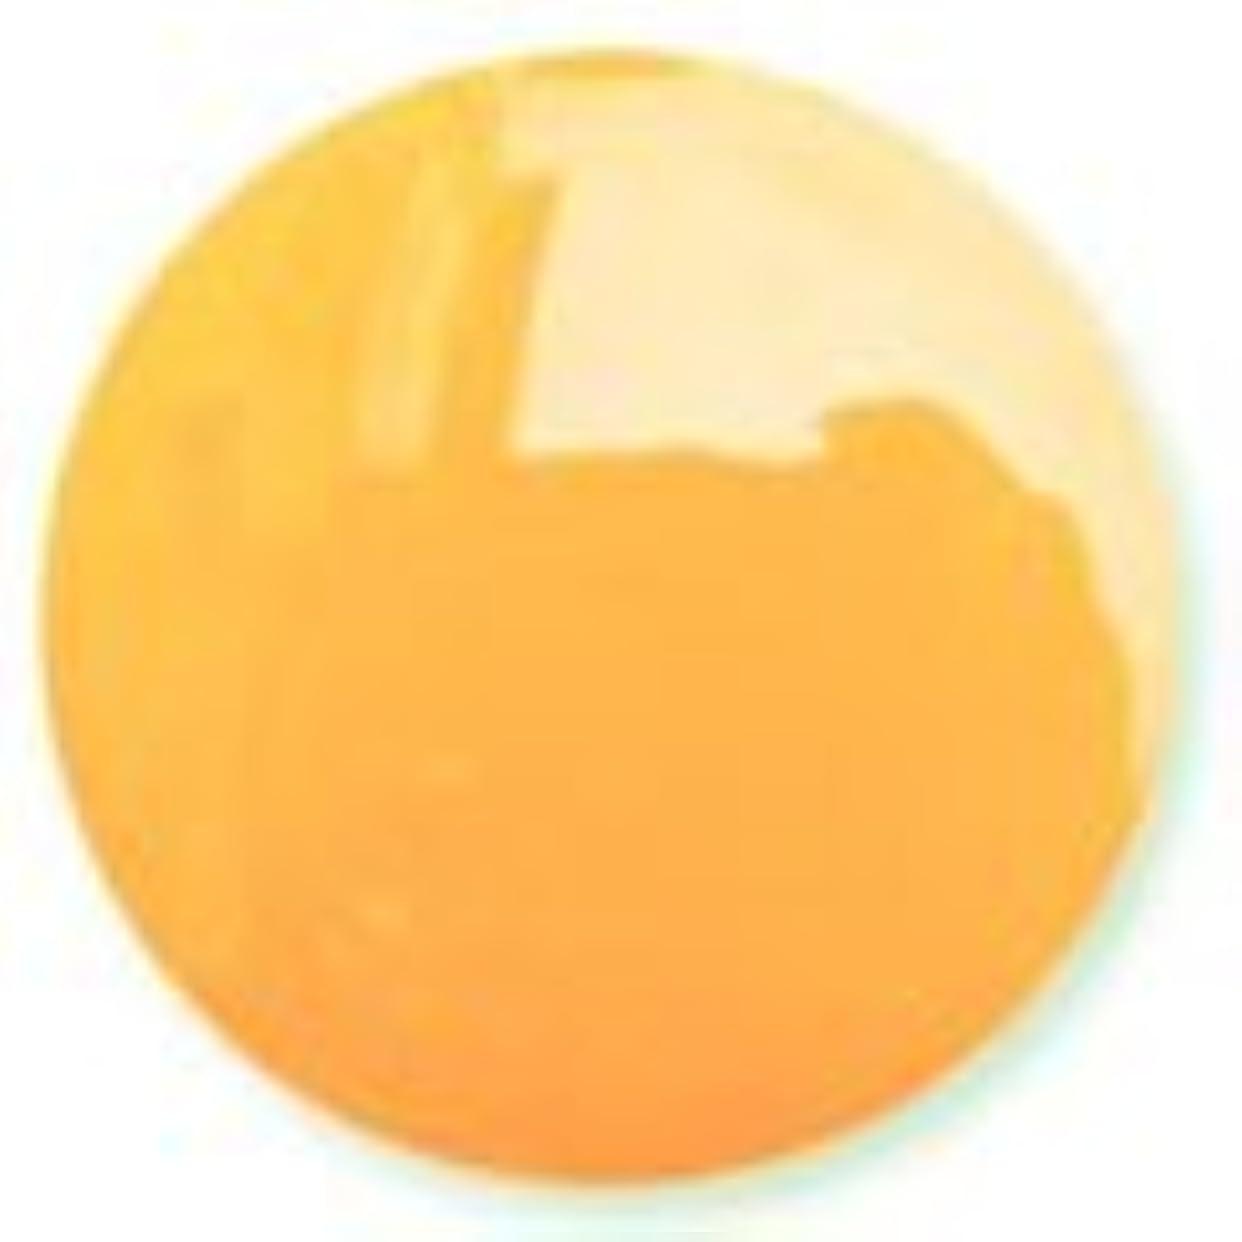 保存丈夫ぬいぐるみハニーオレンジ ソークオフジェル(ソフトジェル)LED/UV対応 8g NC016